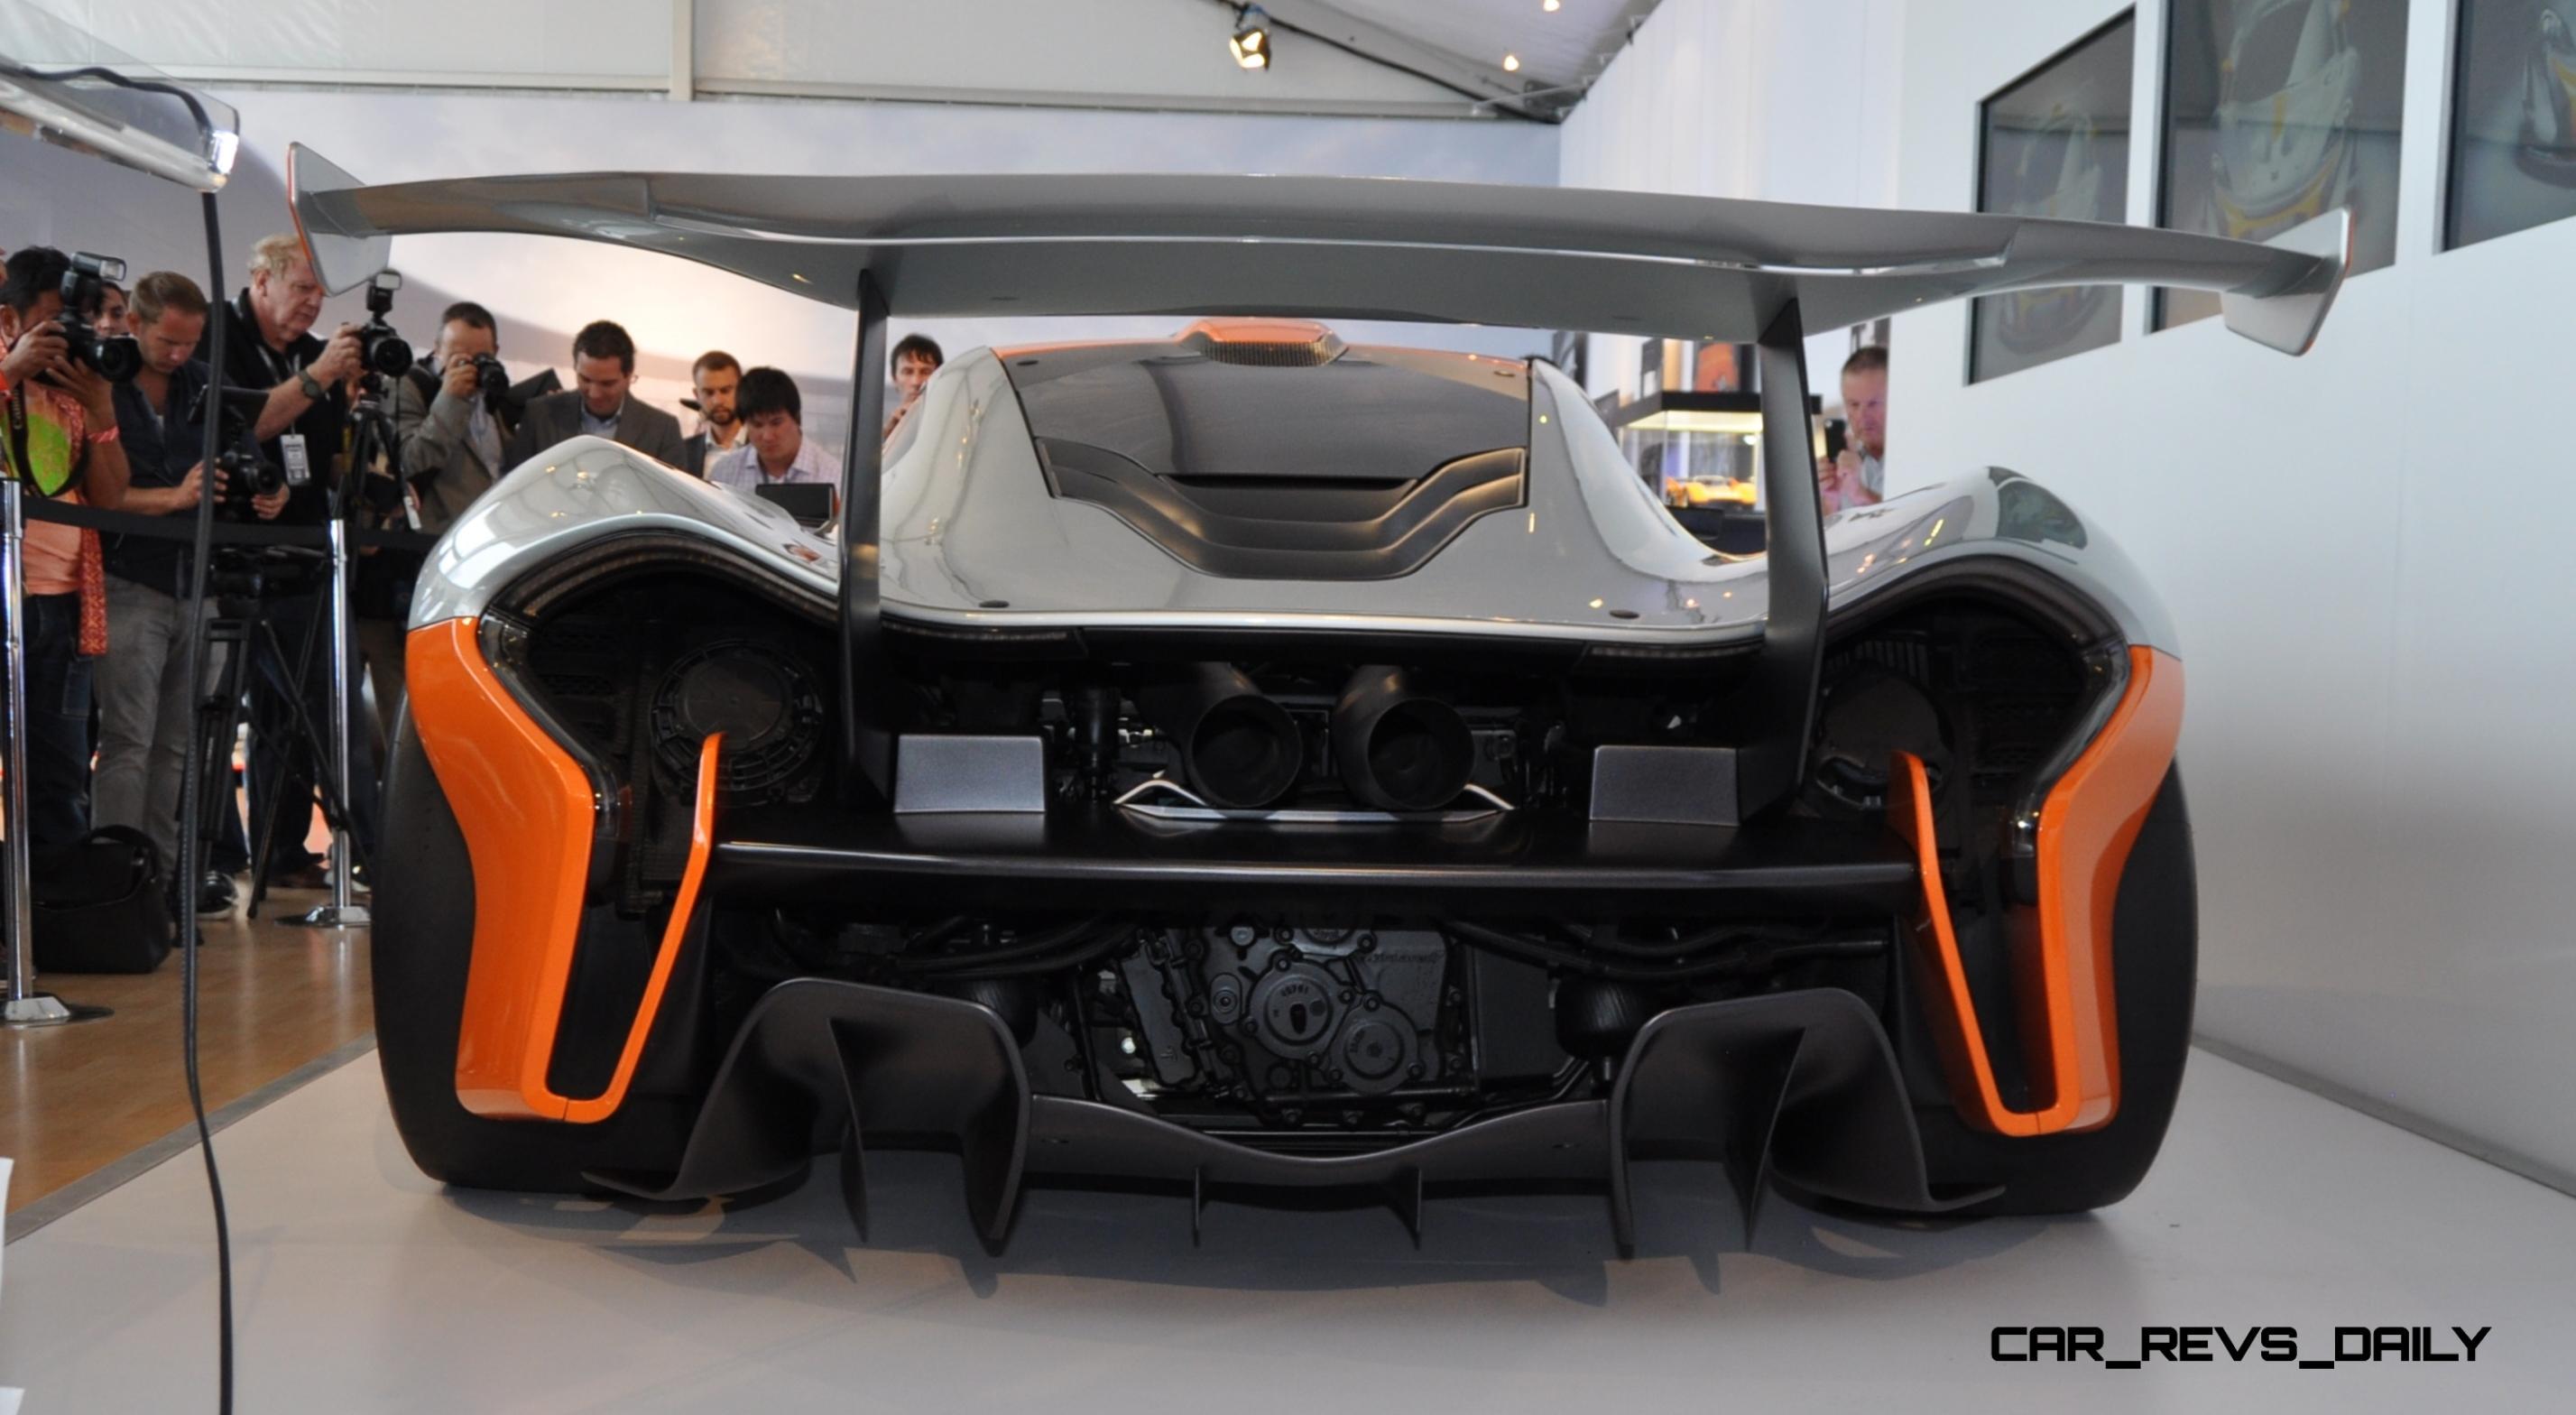 2015 McLaren P1 GTR - Pebble Beach World Debut in 55 High-Res Photos 5